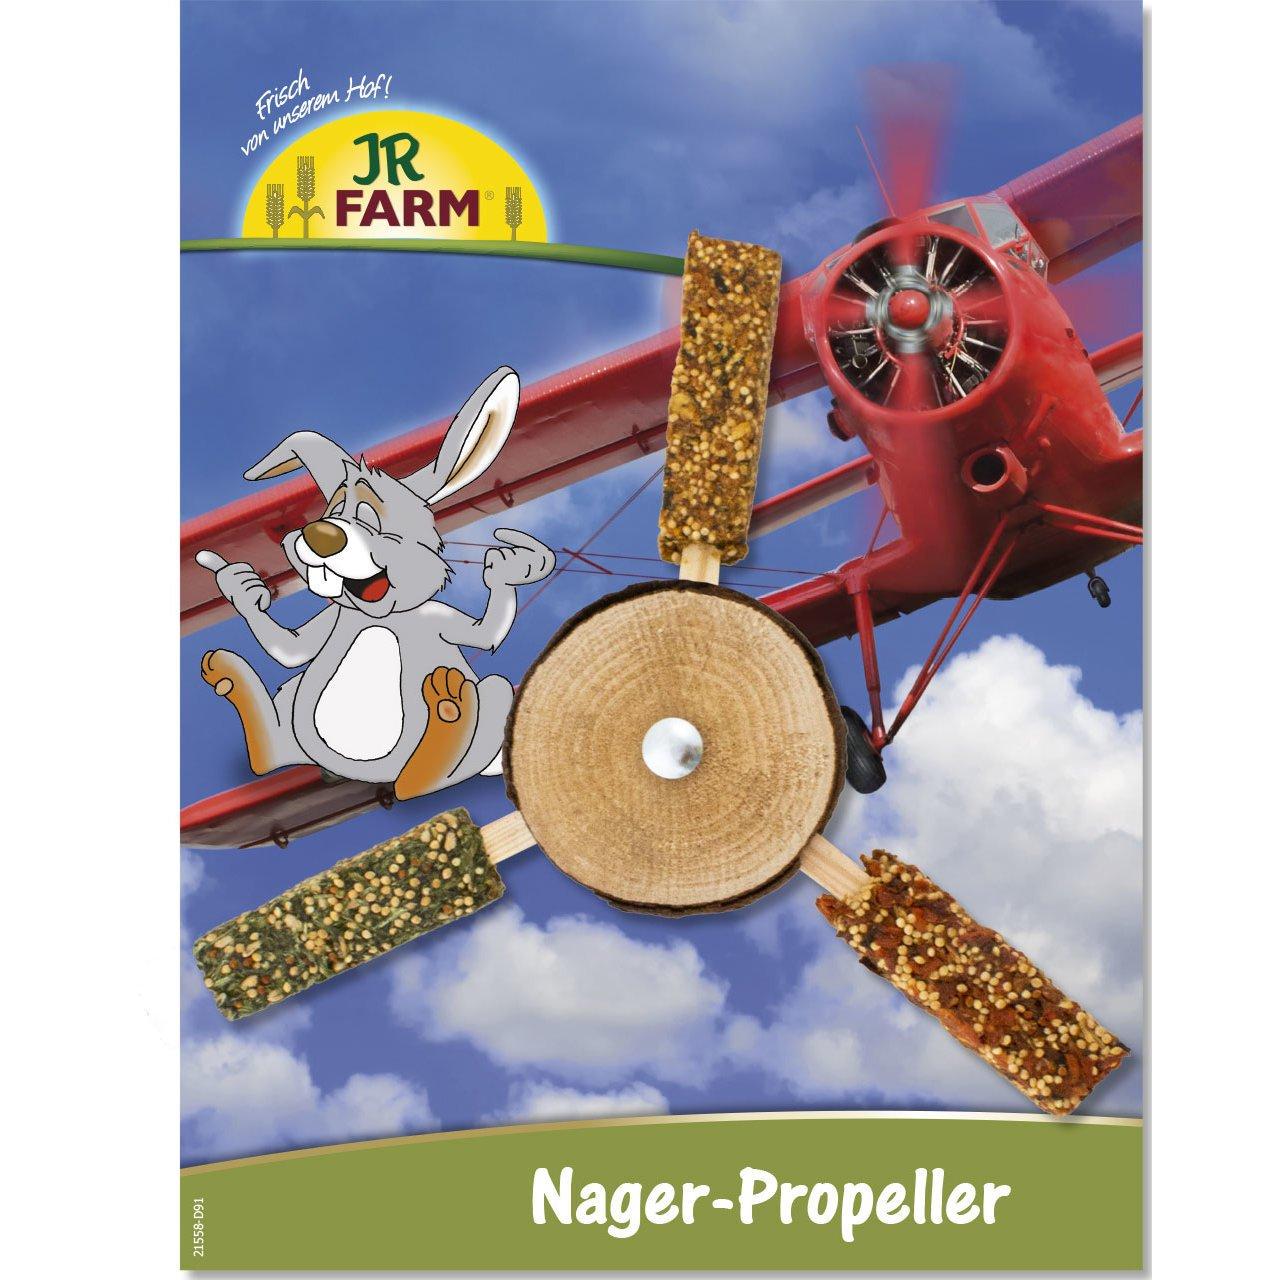 JR Farm Nager-Propeller